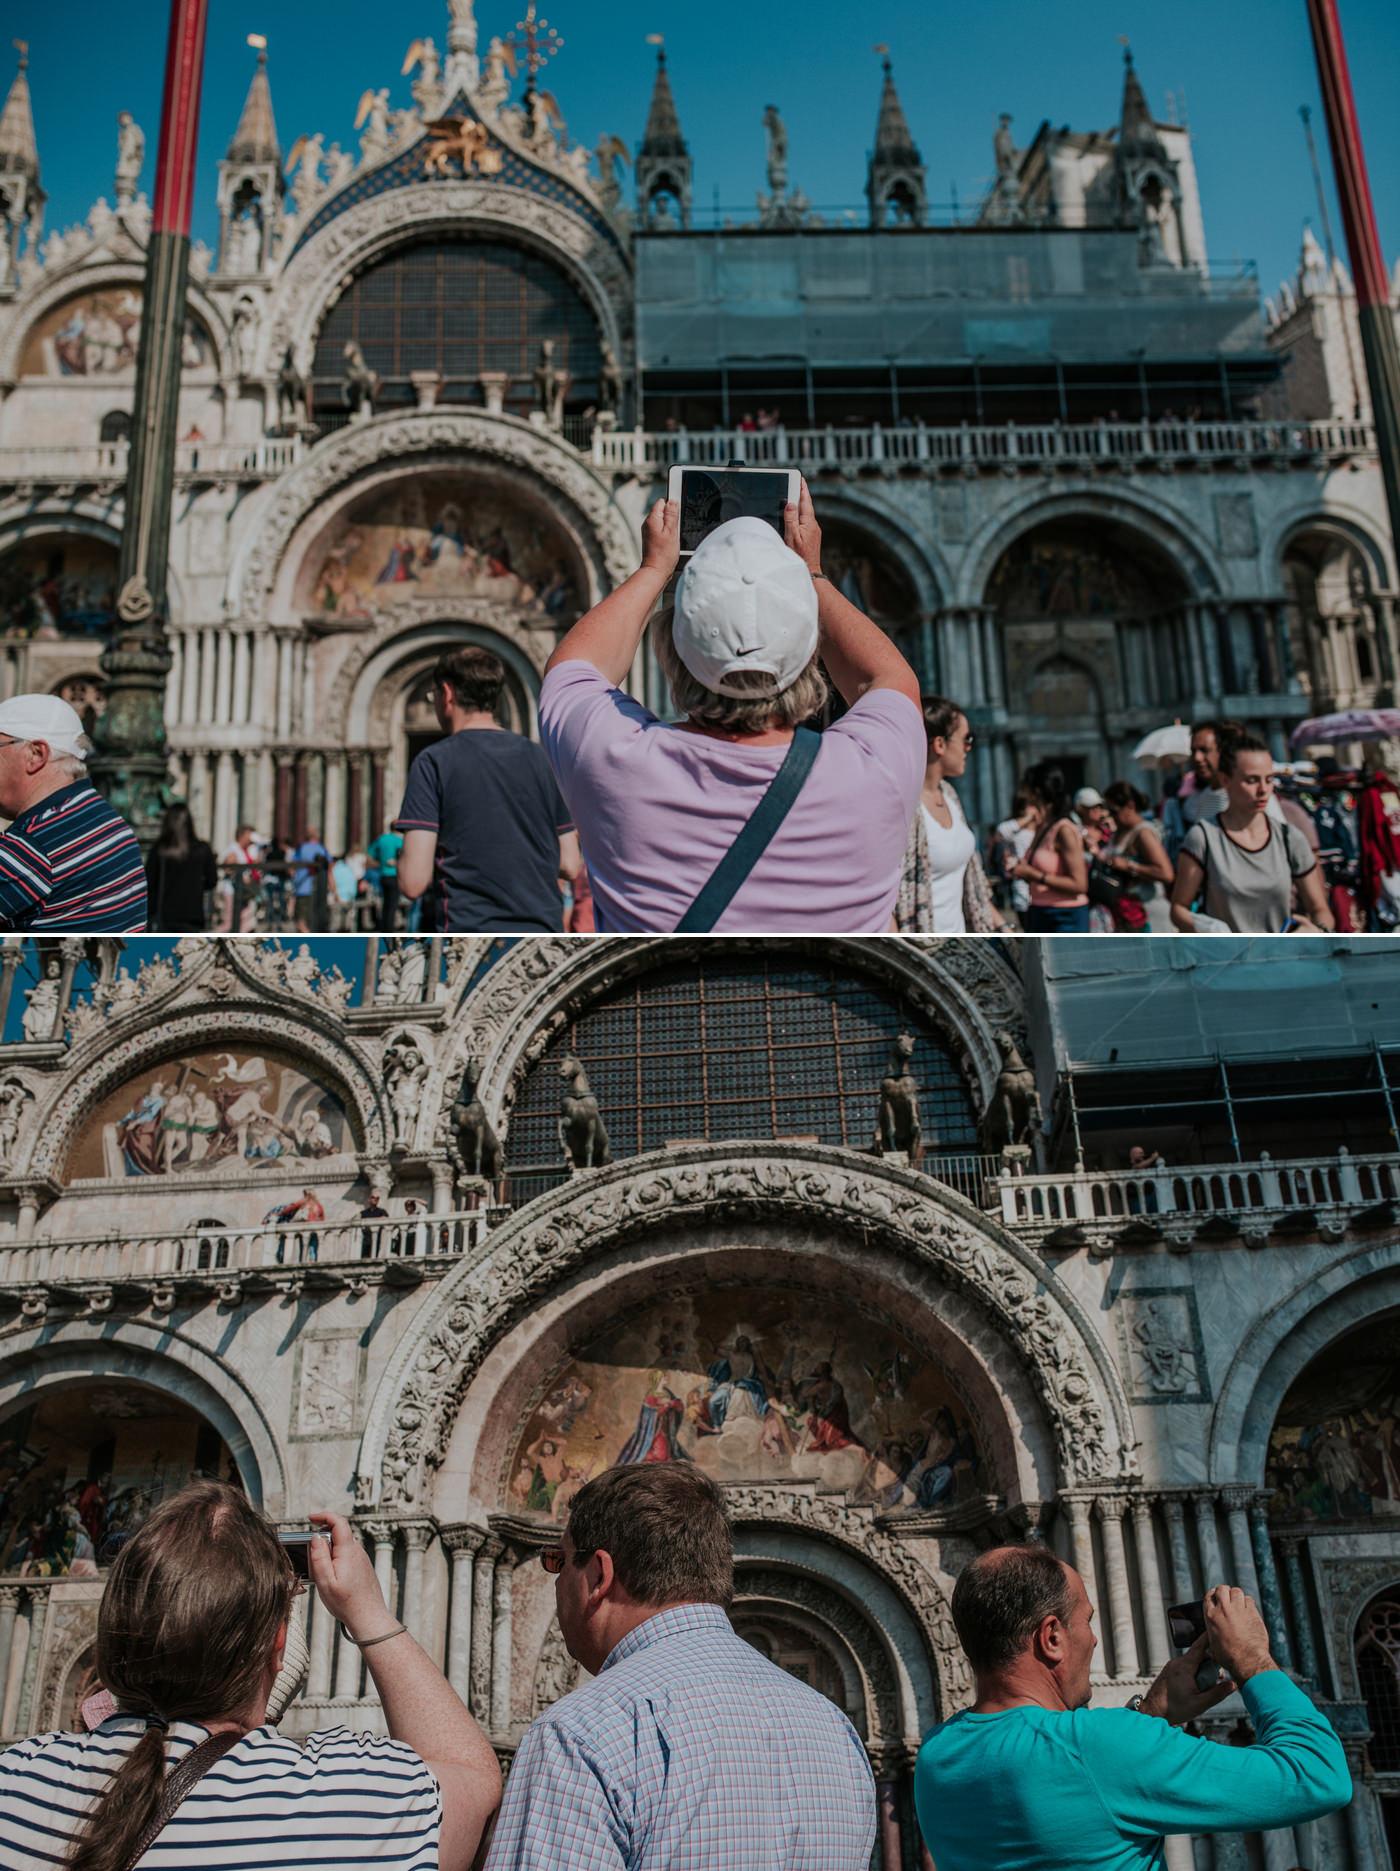 Venice_by_Piotr_Glodzik17